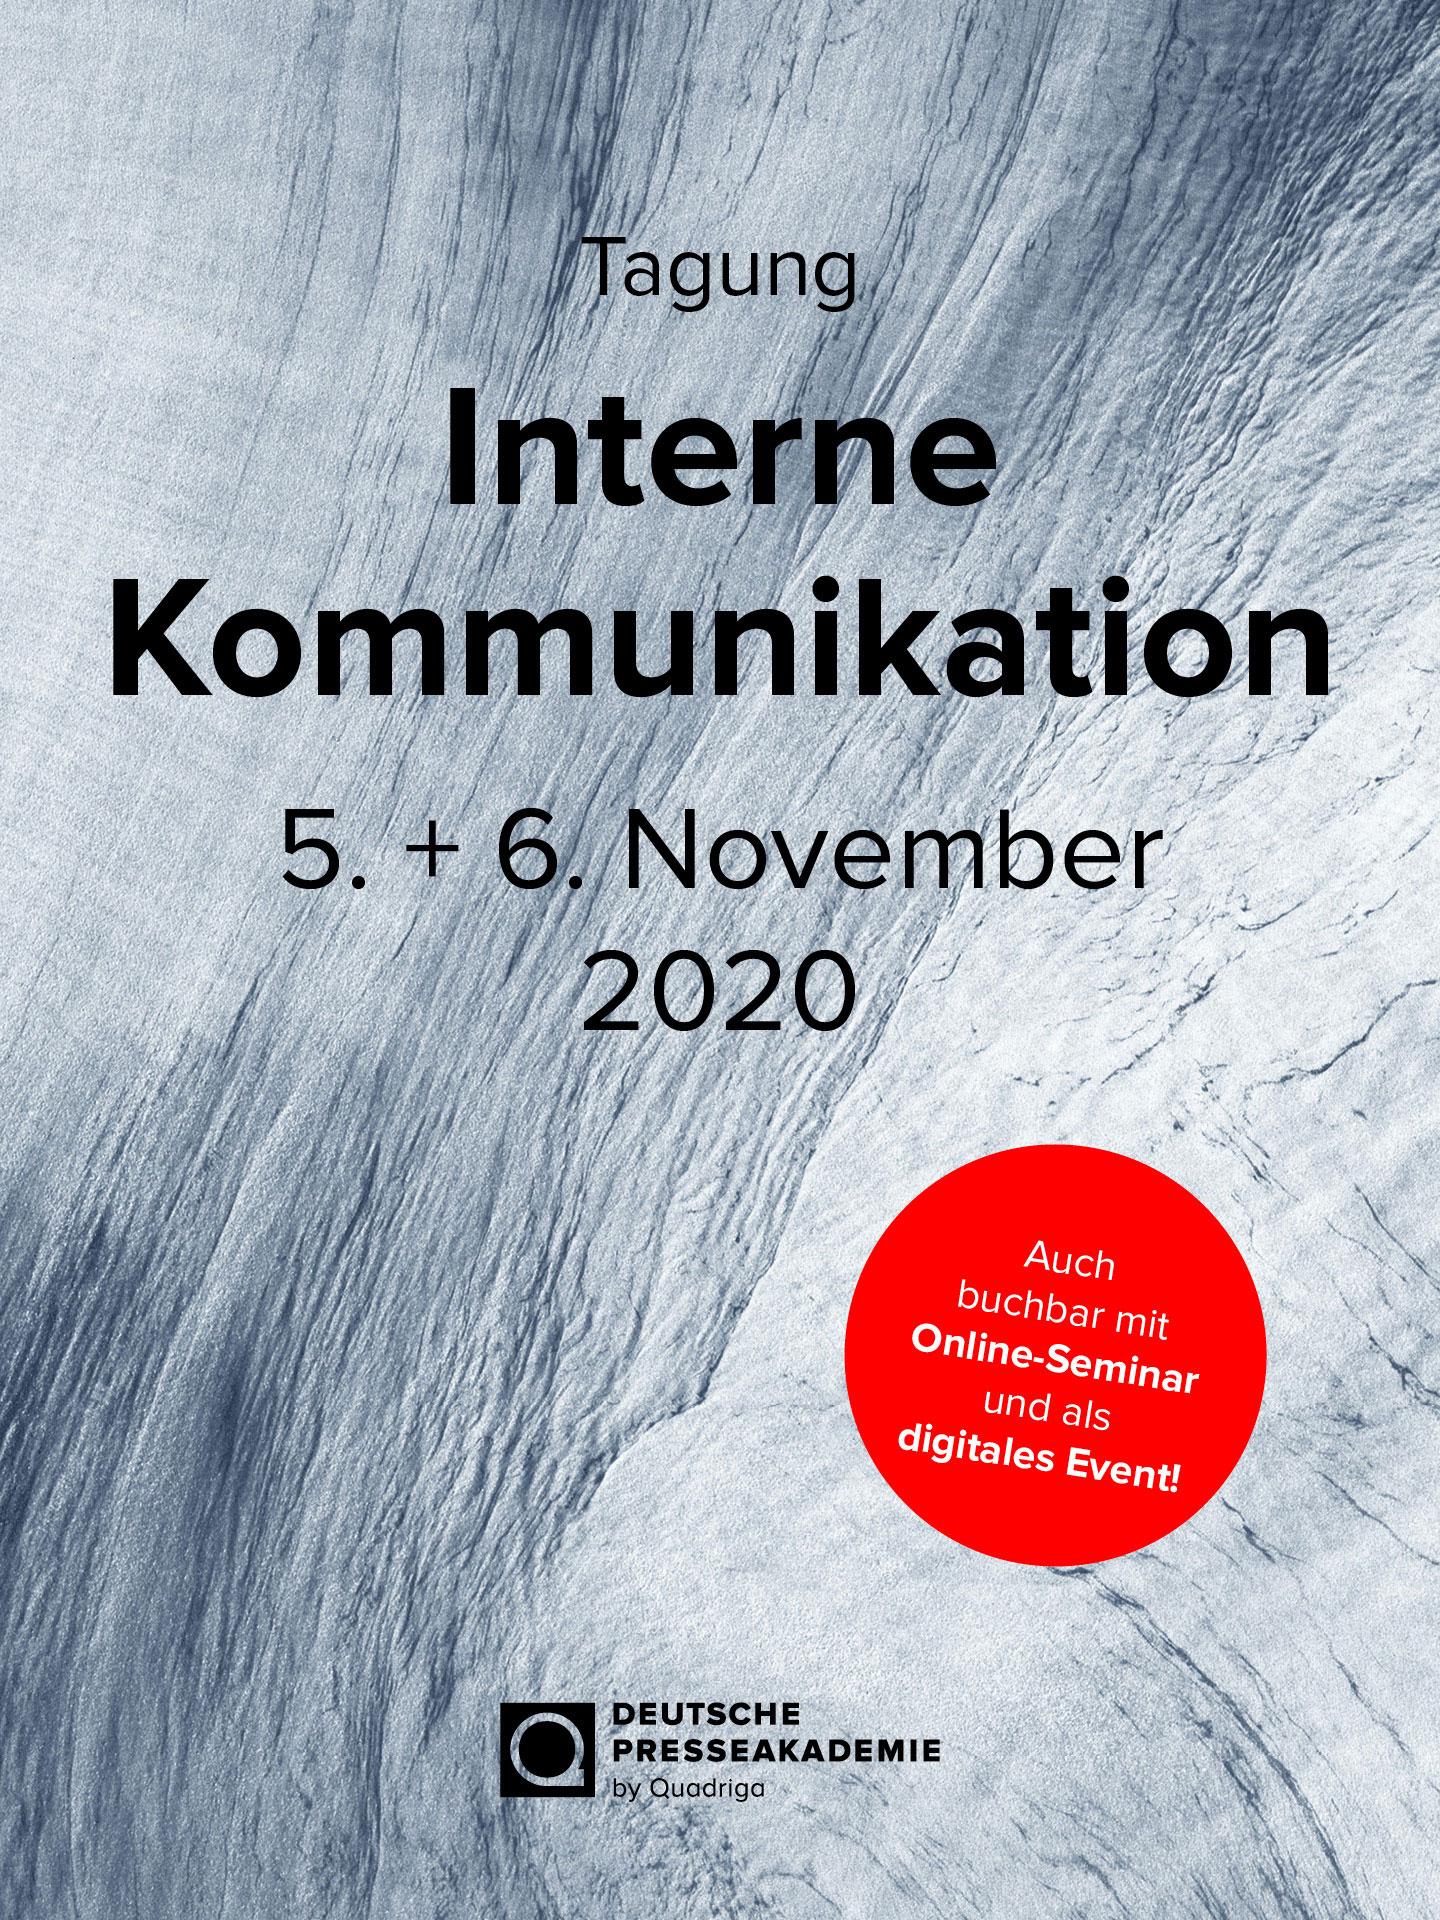 Tagung Interne Kommunikation, 05. - 06.11.2020, in Berlin